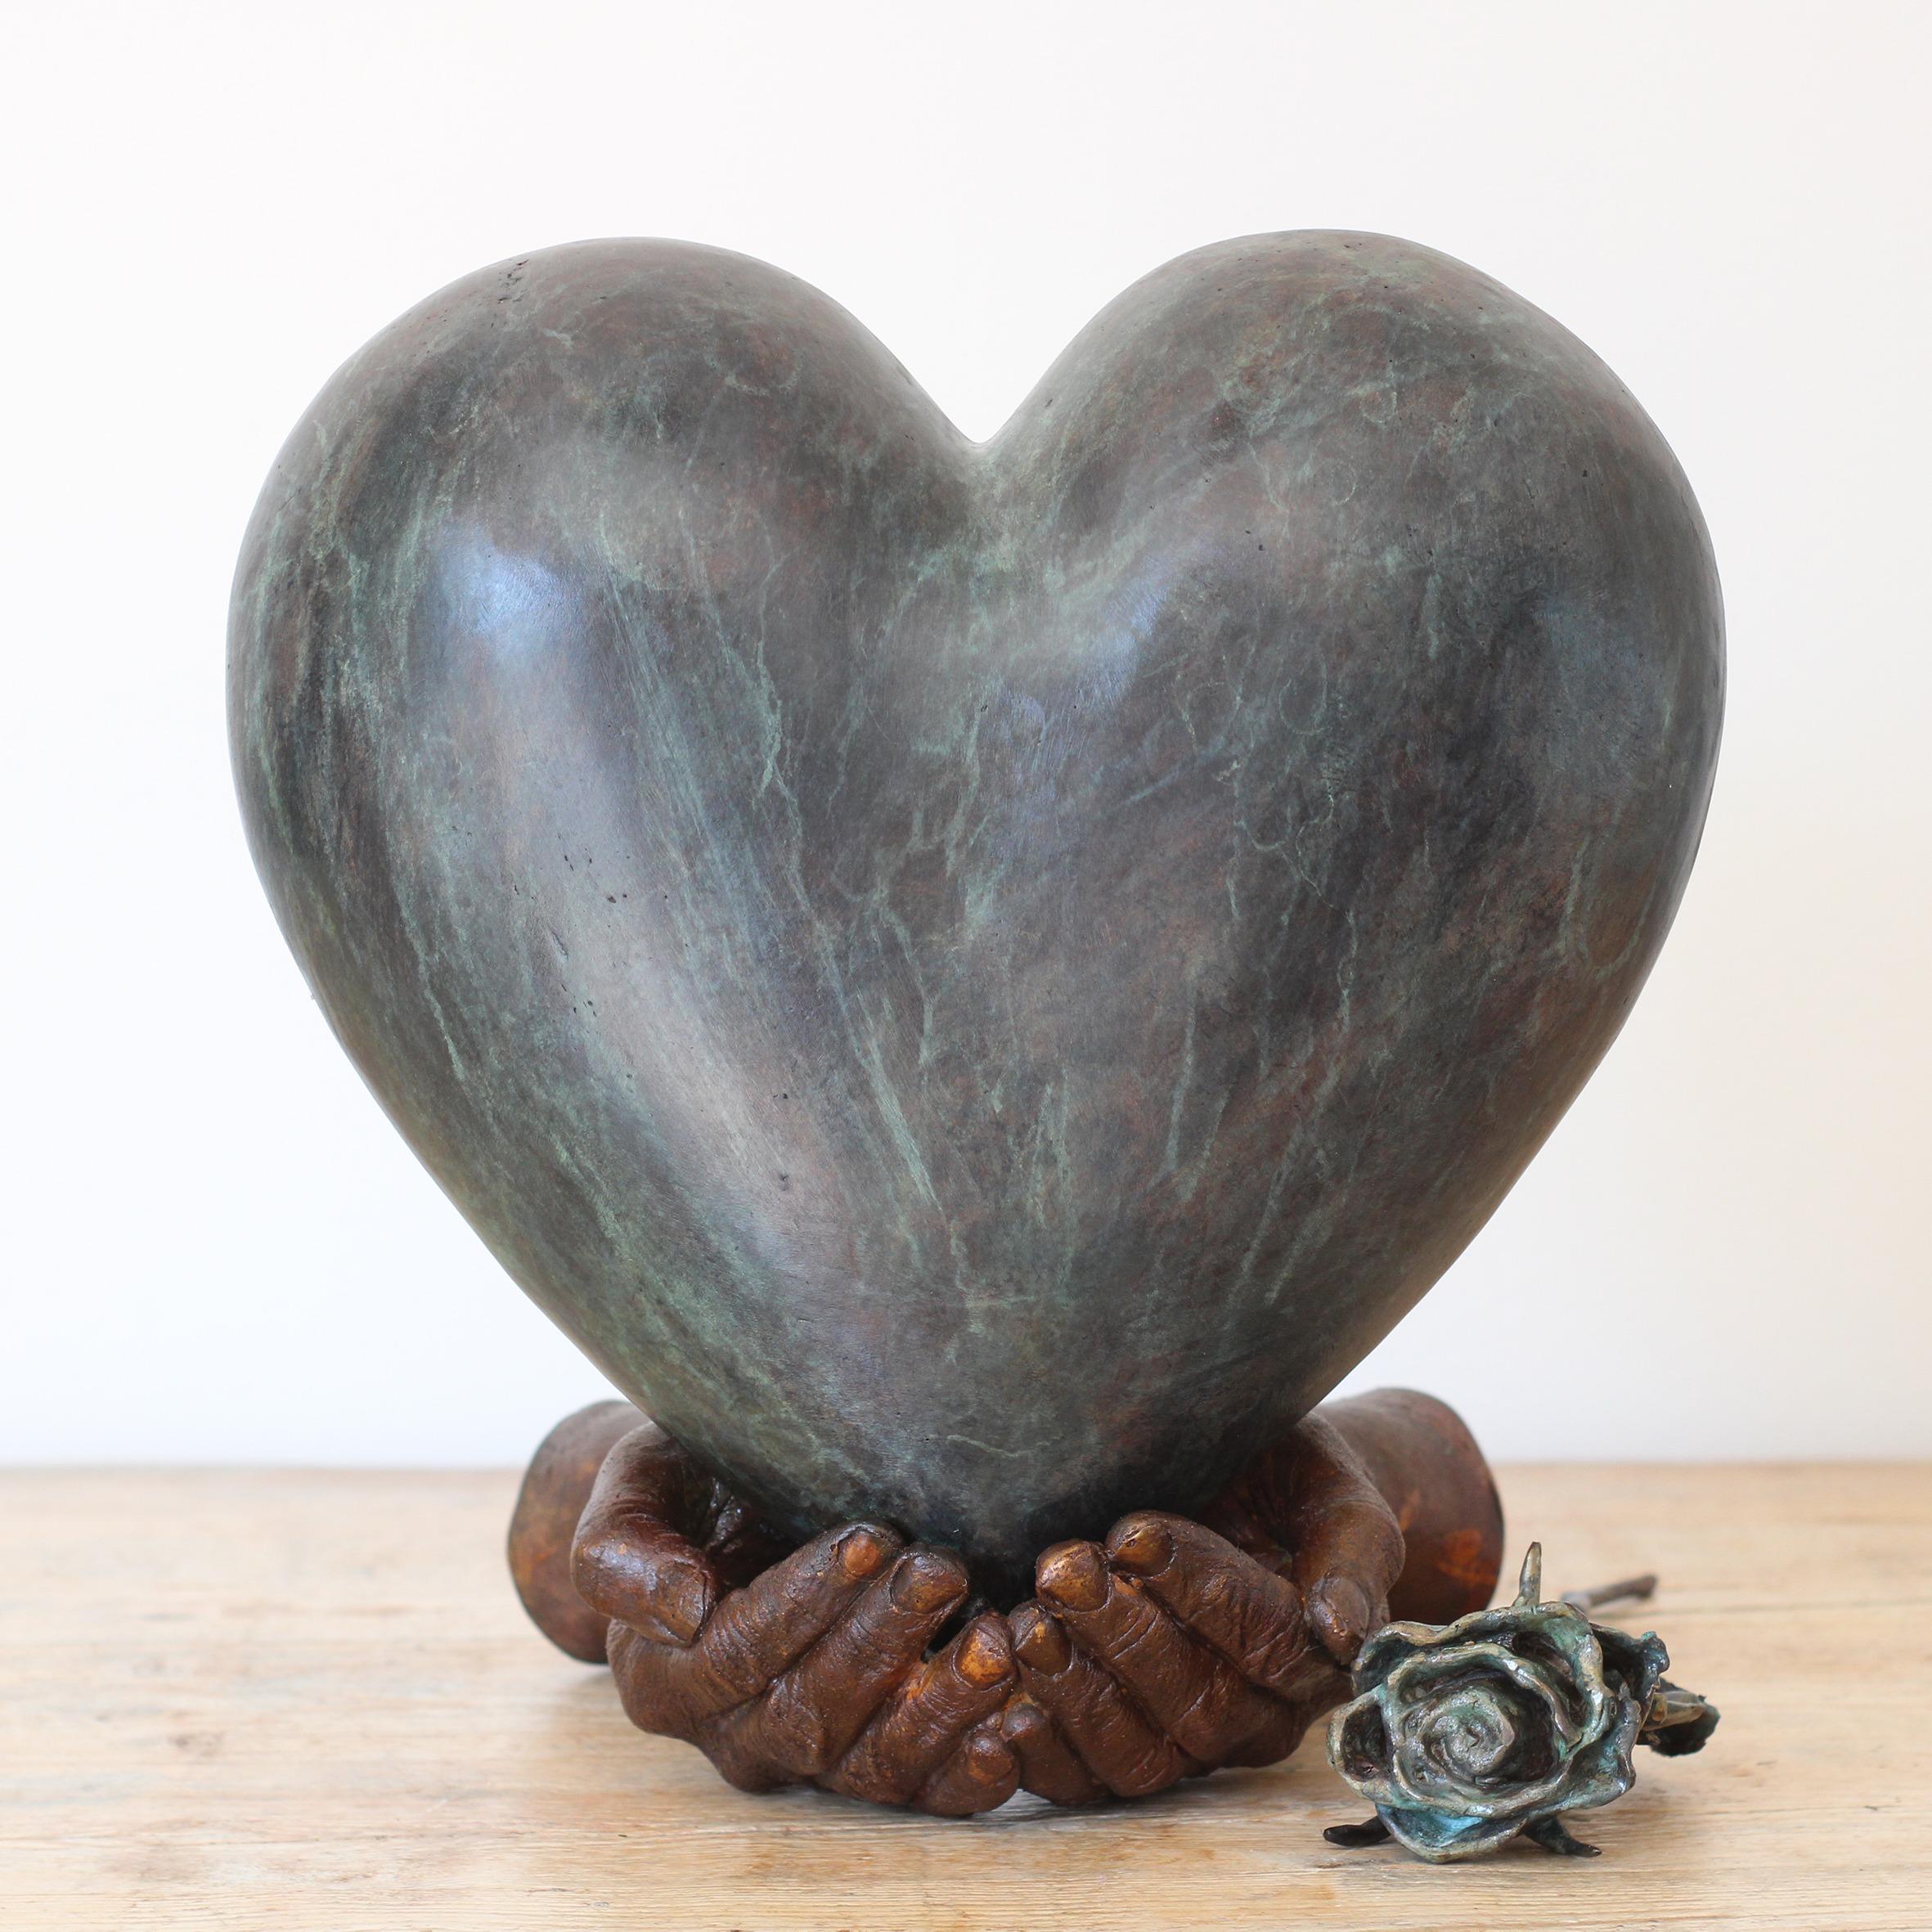 bronzen urn hart met handen